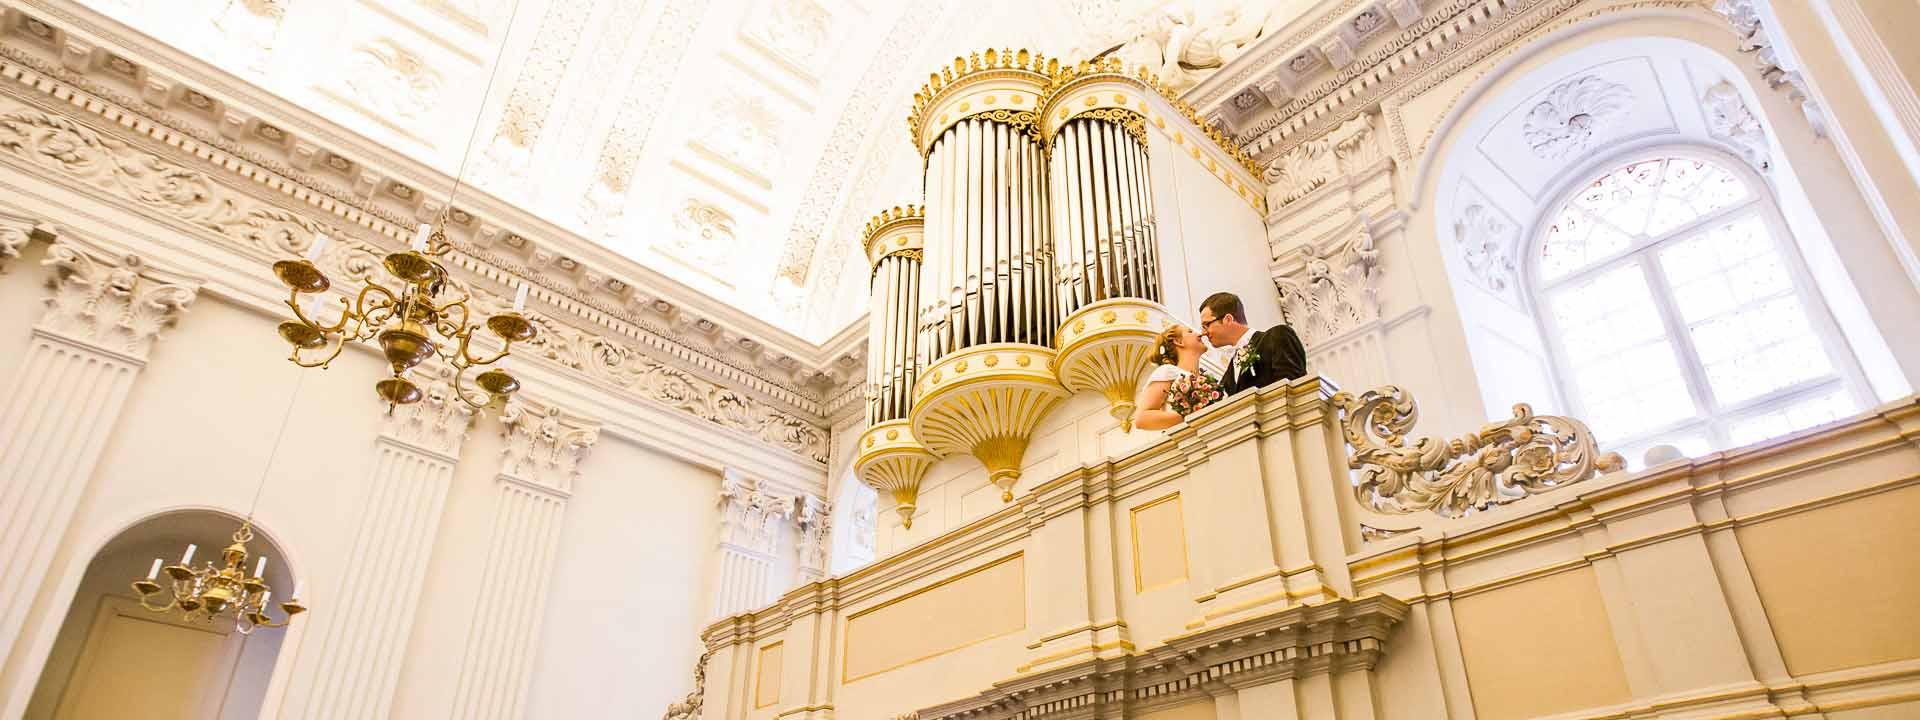 Brautpaarfotos auf einer Orgel-Empore